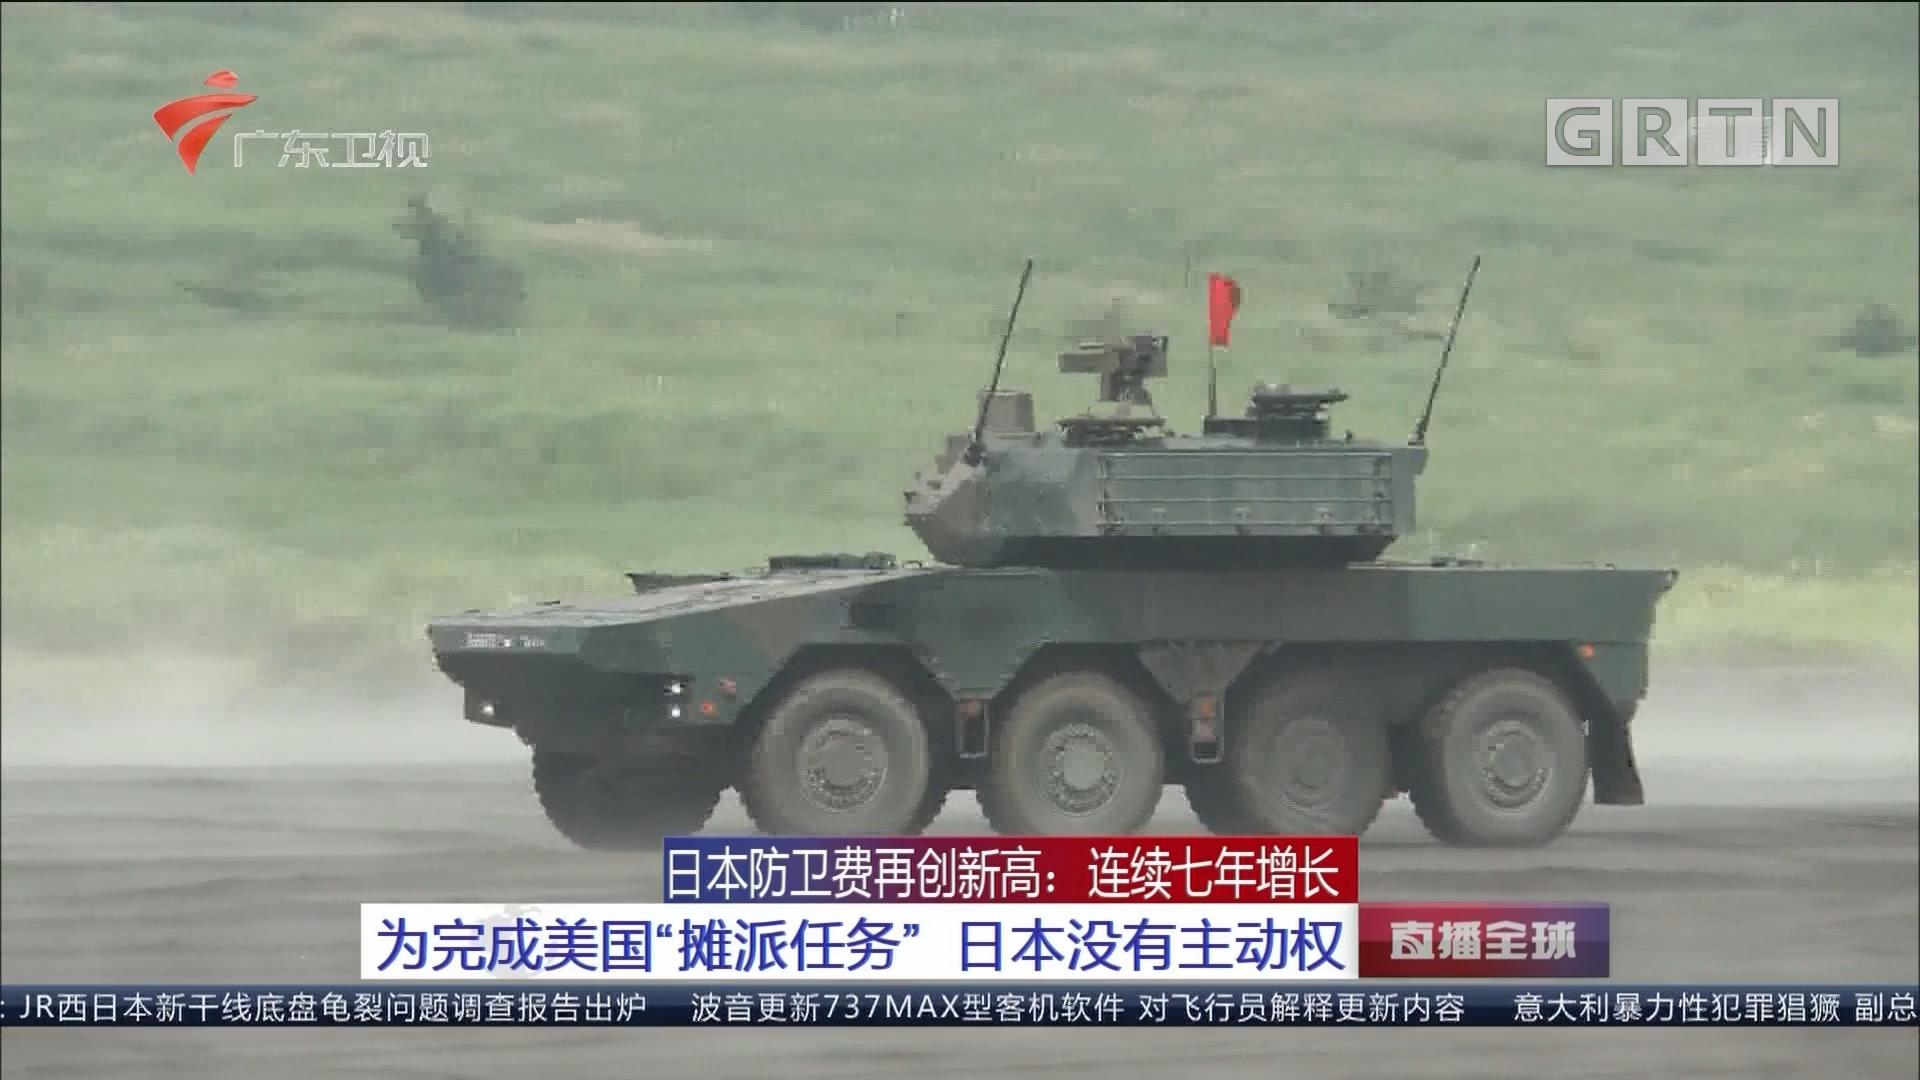 日本防卫费再创新高:连续七年增长 日本增购美制武器